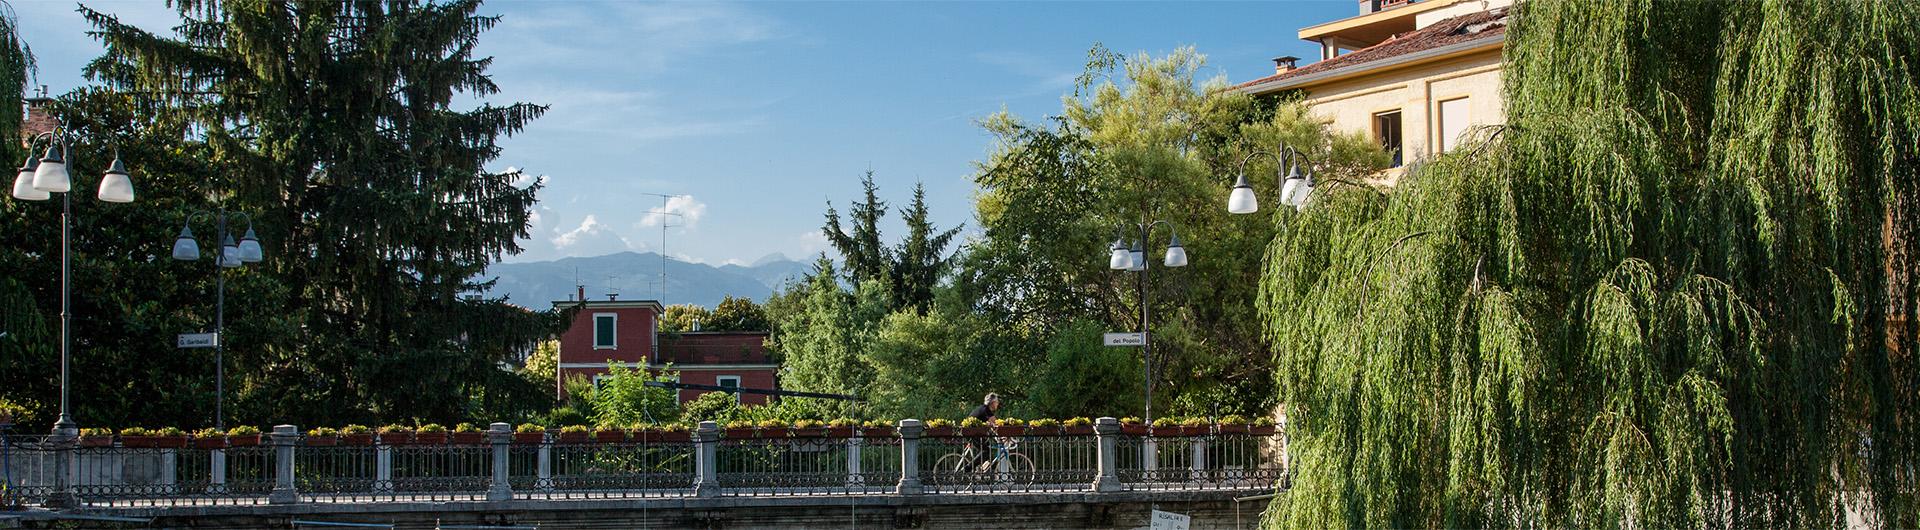 Itinerari alla scoperta di Sacile in bicicletta